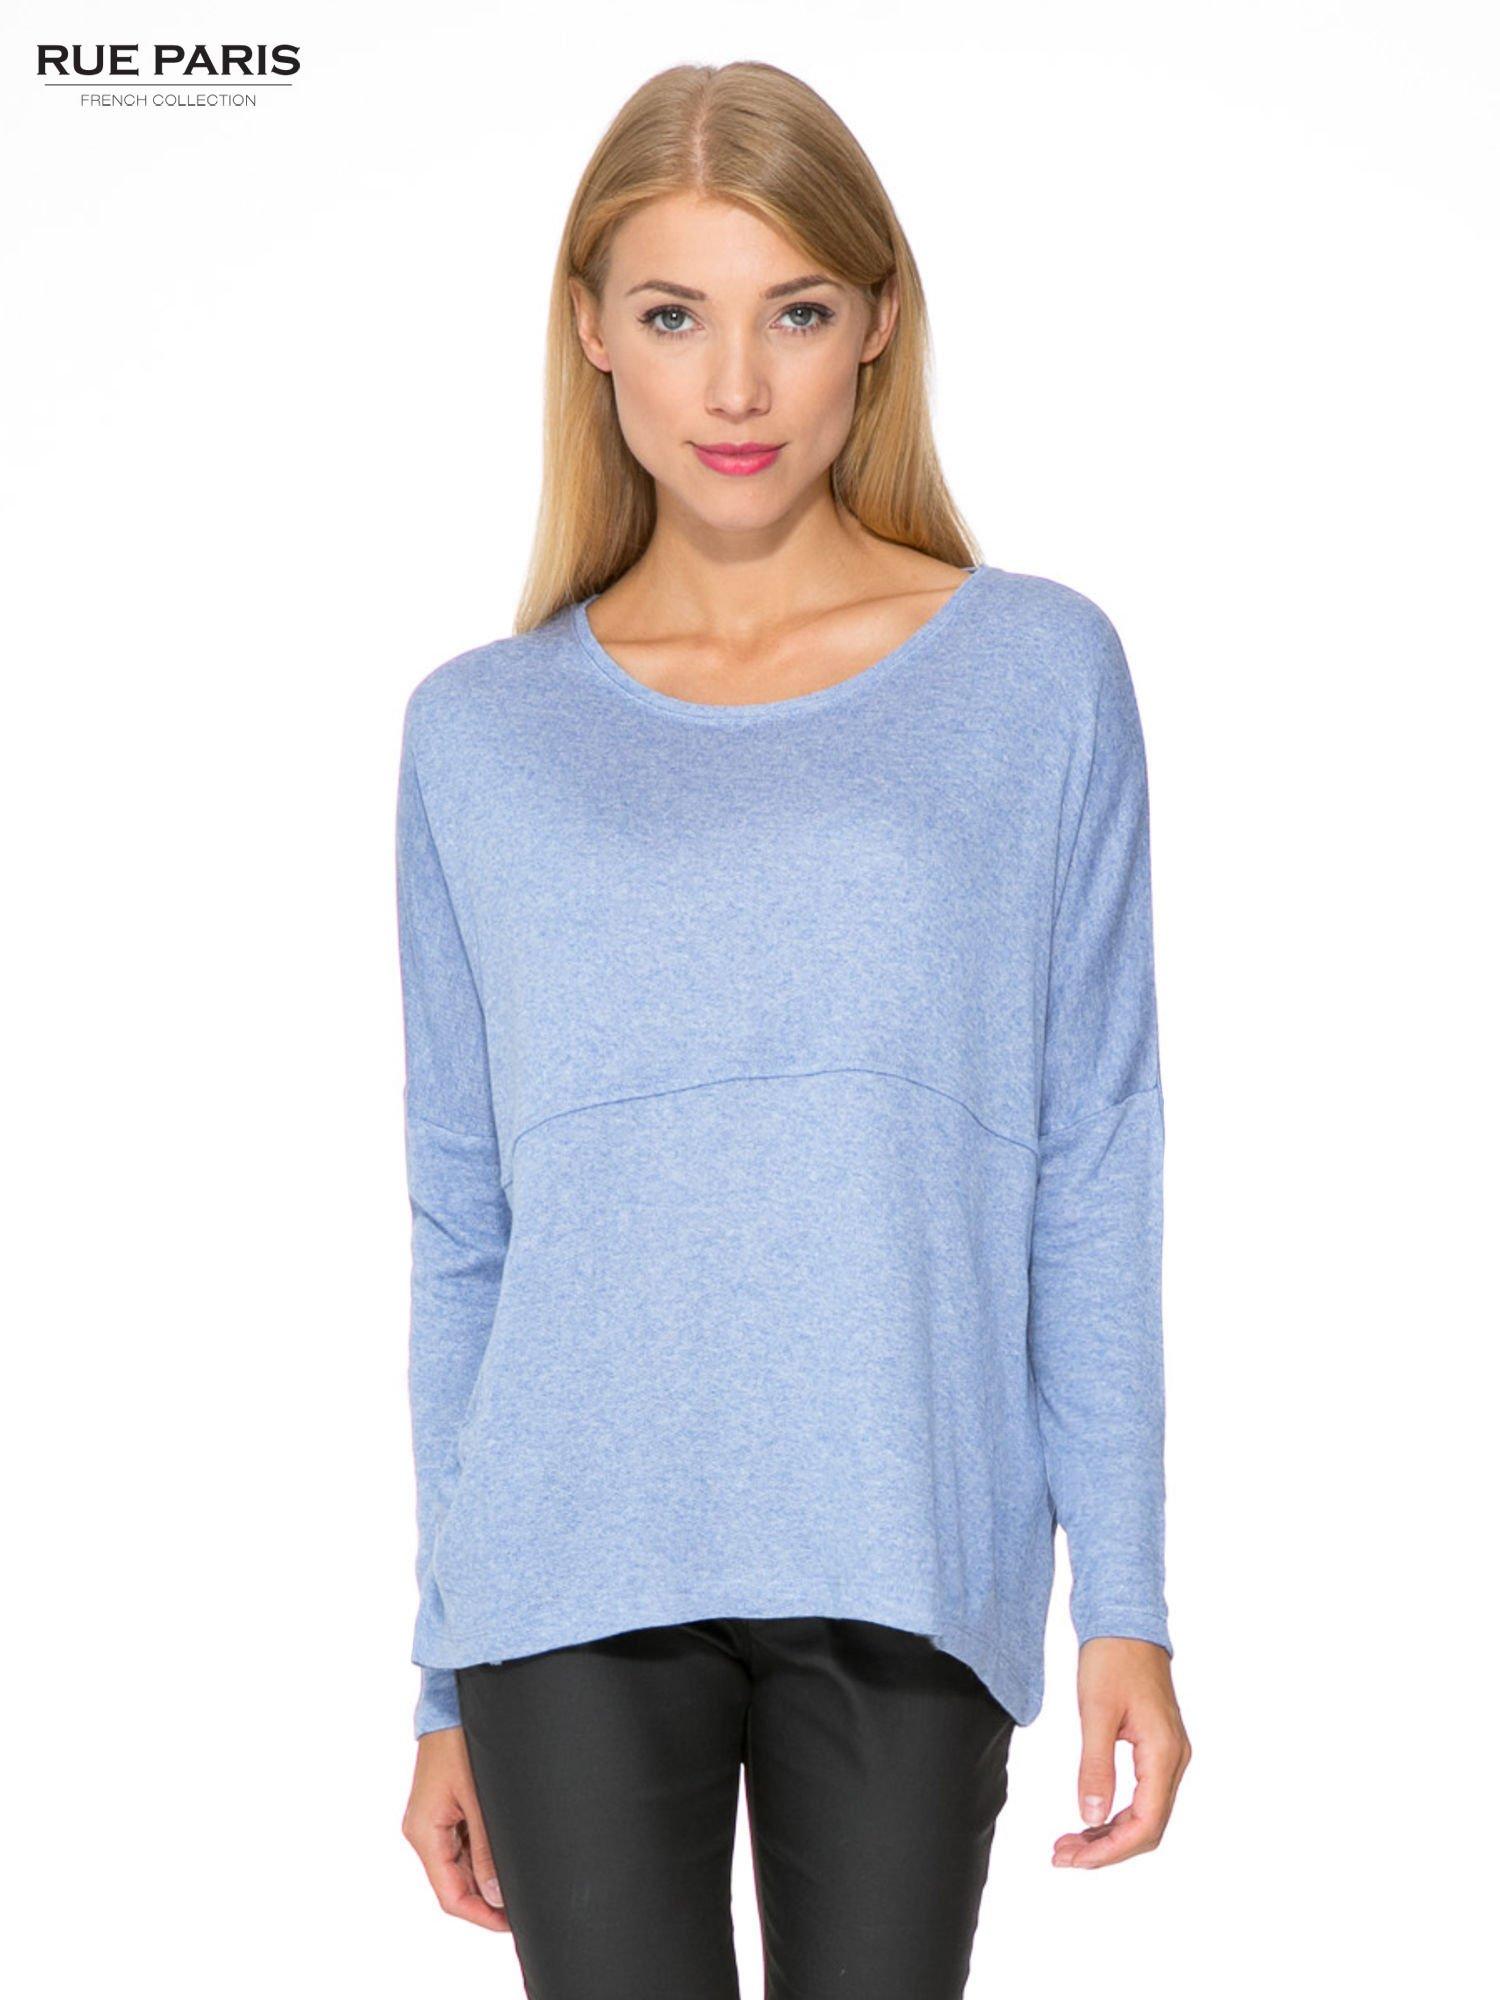 Niebieska dresowa bluza oversize z kieszeniami                                  zdj.                                  1